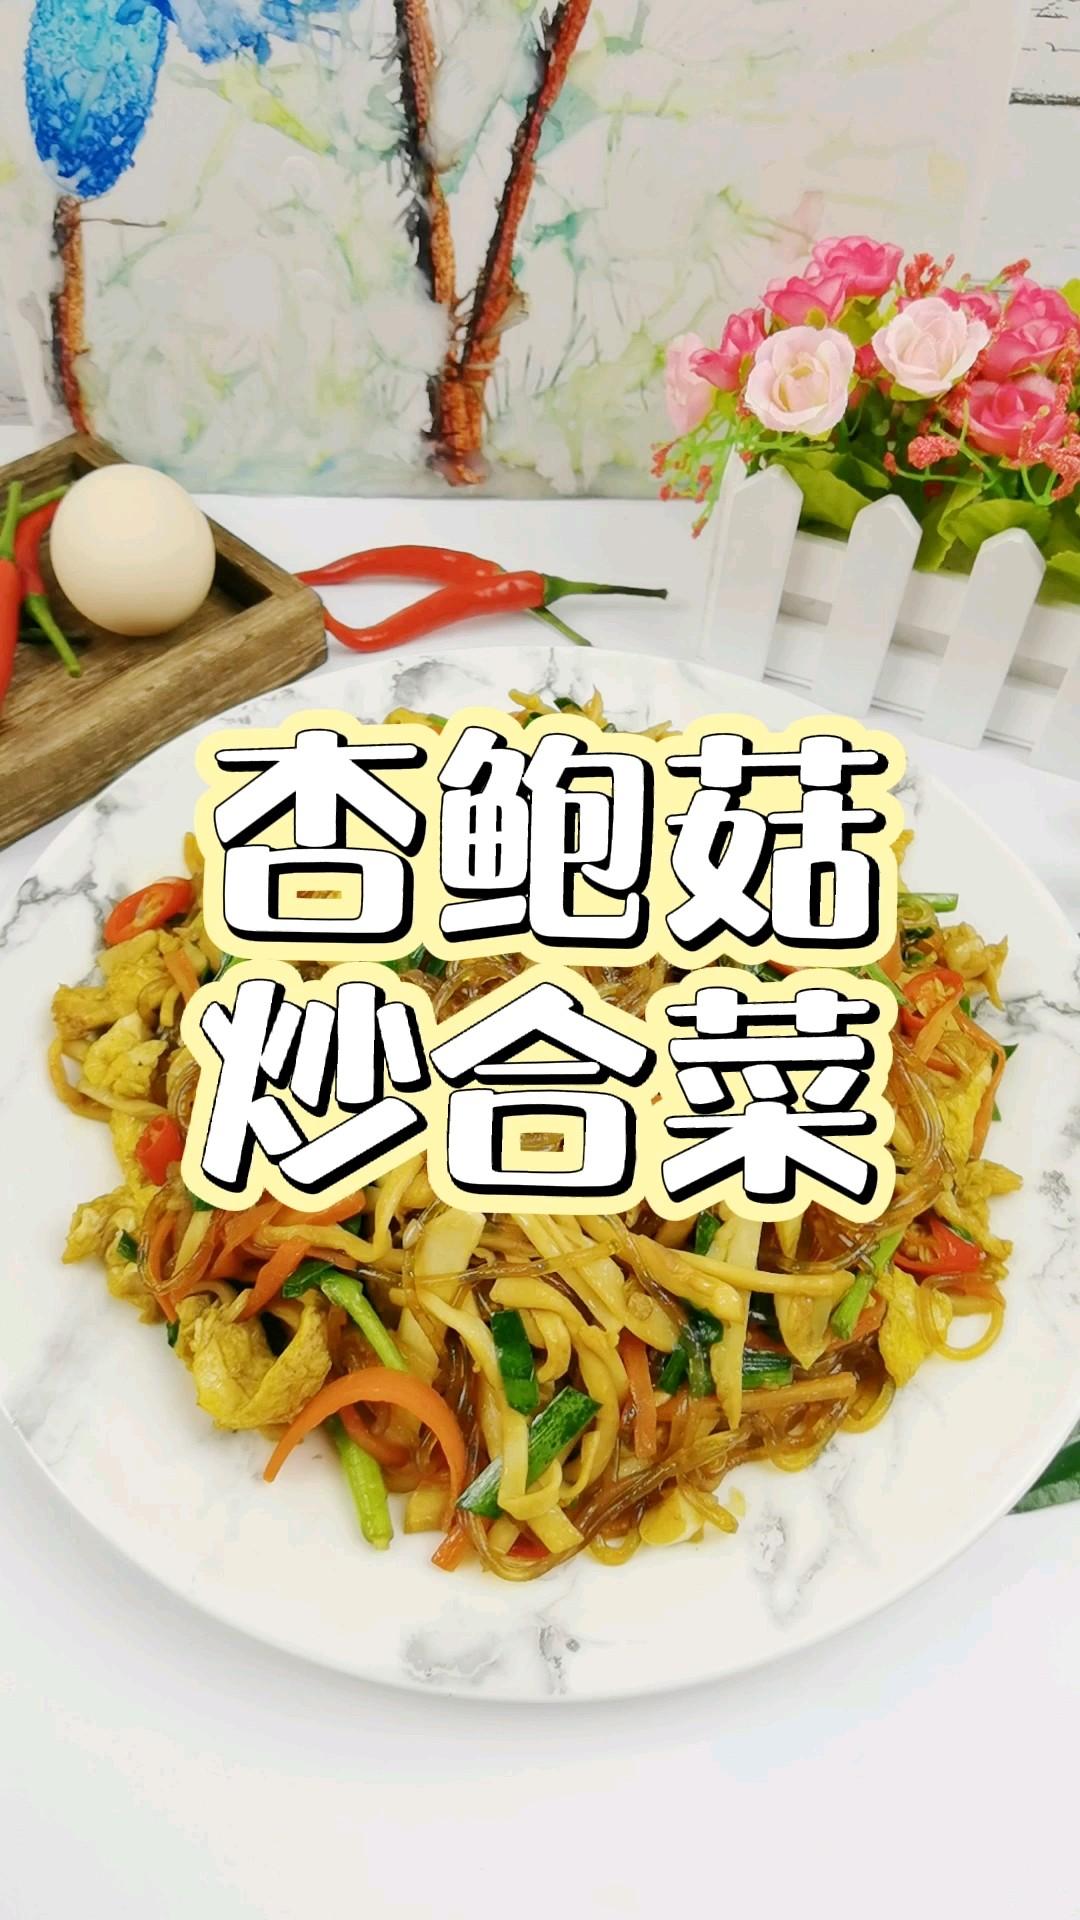 年夜饭素菜也出彩-杏鲍菇炒合菜,阖家欢乐吃着超下饭